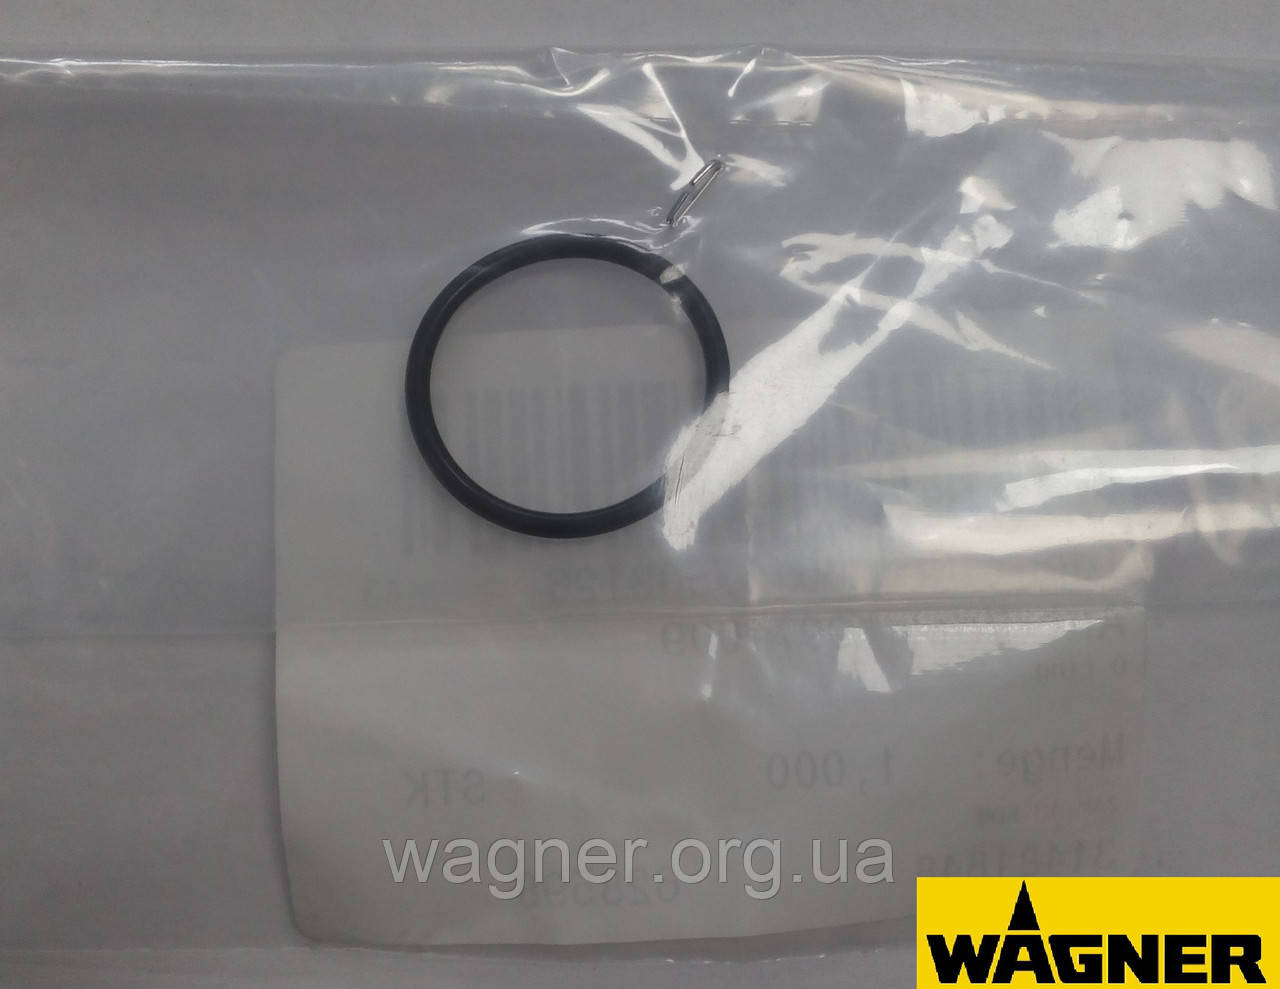 Уплотнительное кольцо Wagner для HeavyCoat O-ring